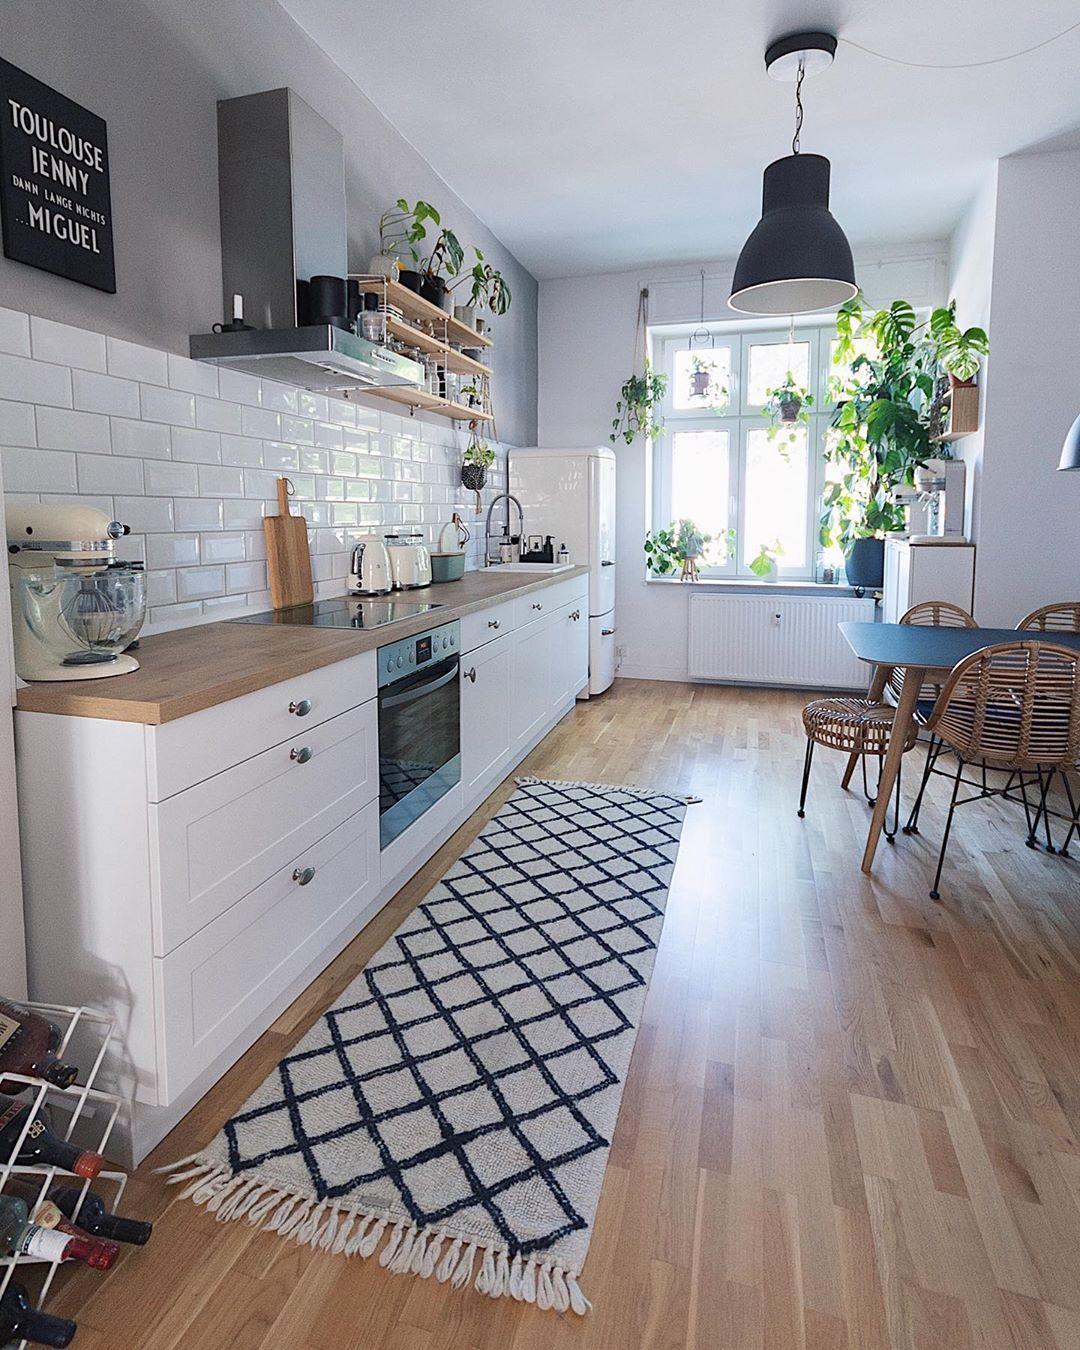 Épinglé par Democratik Design sur Kitchen aesthetic   Idée déco ...